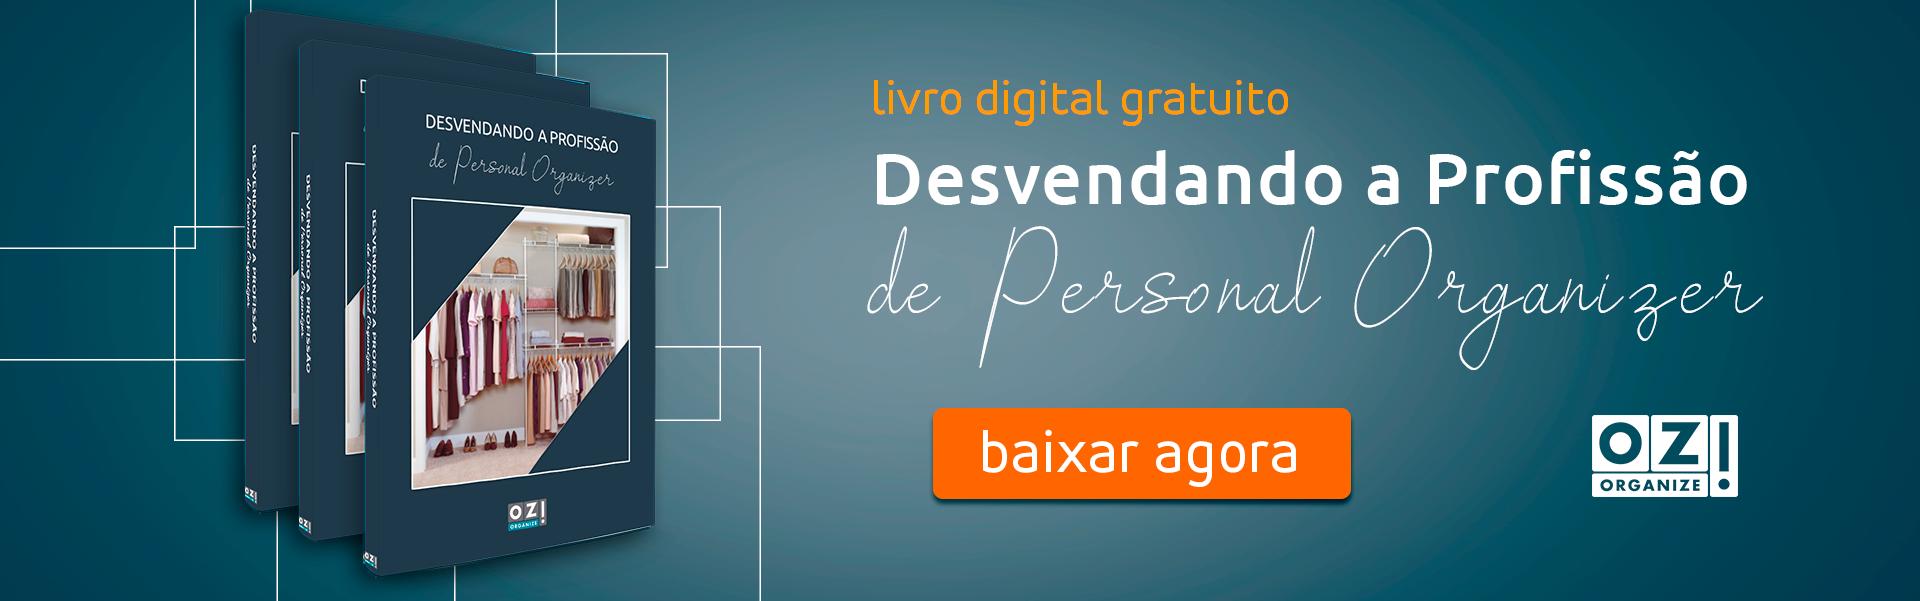 Baixe gratuitamente o Livro Digital 'Desvendando a Profissão de Personal Organizer'